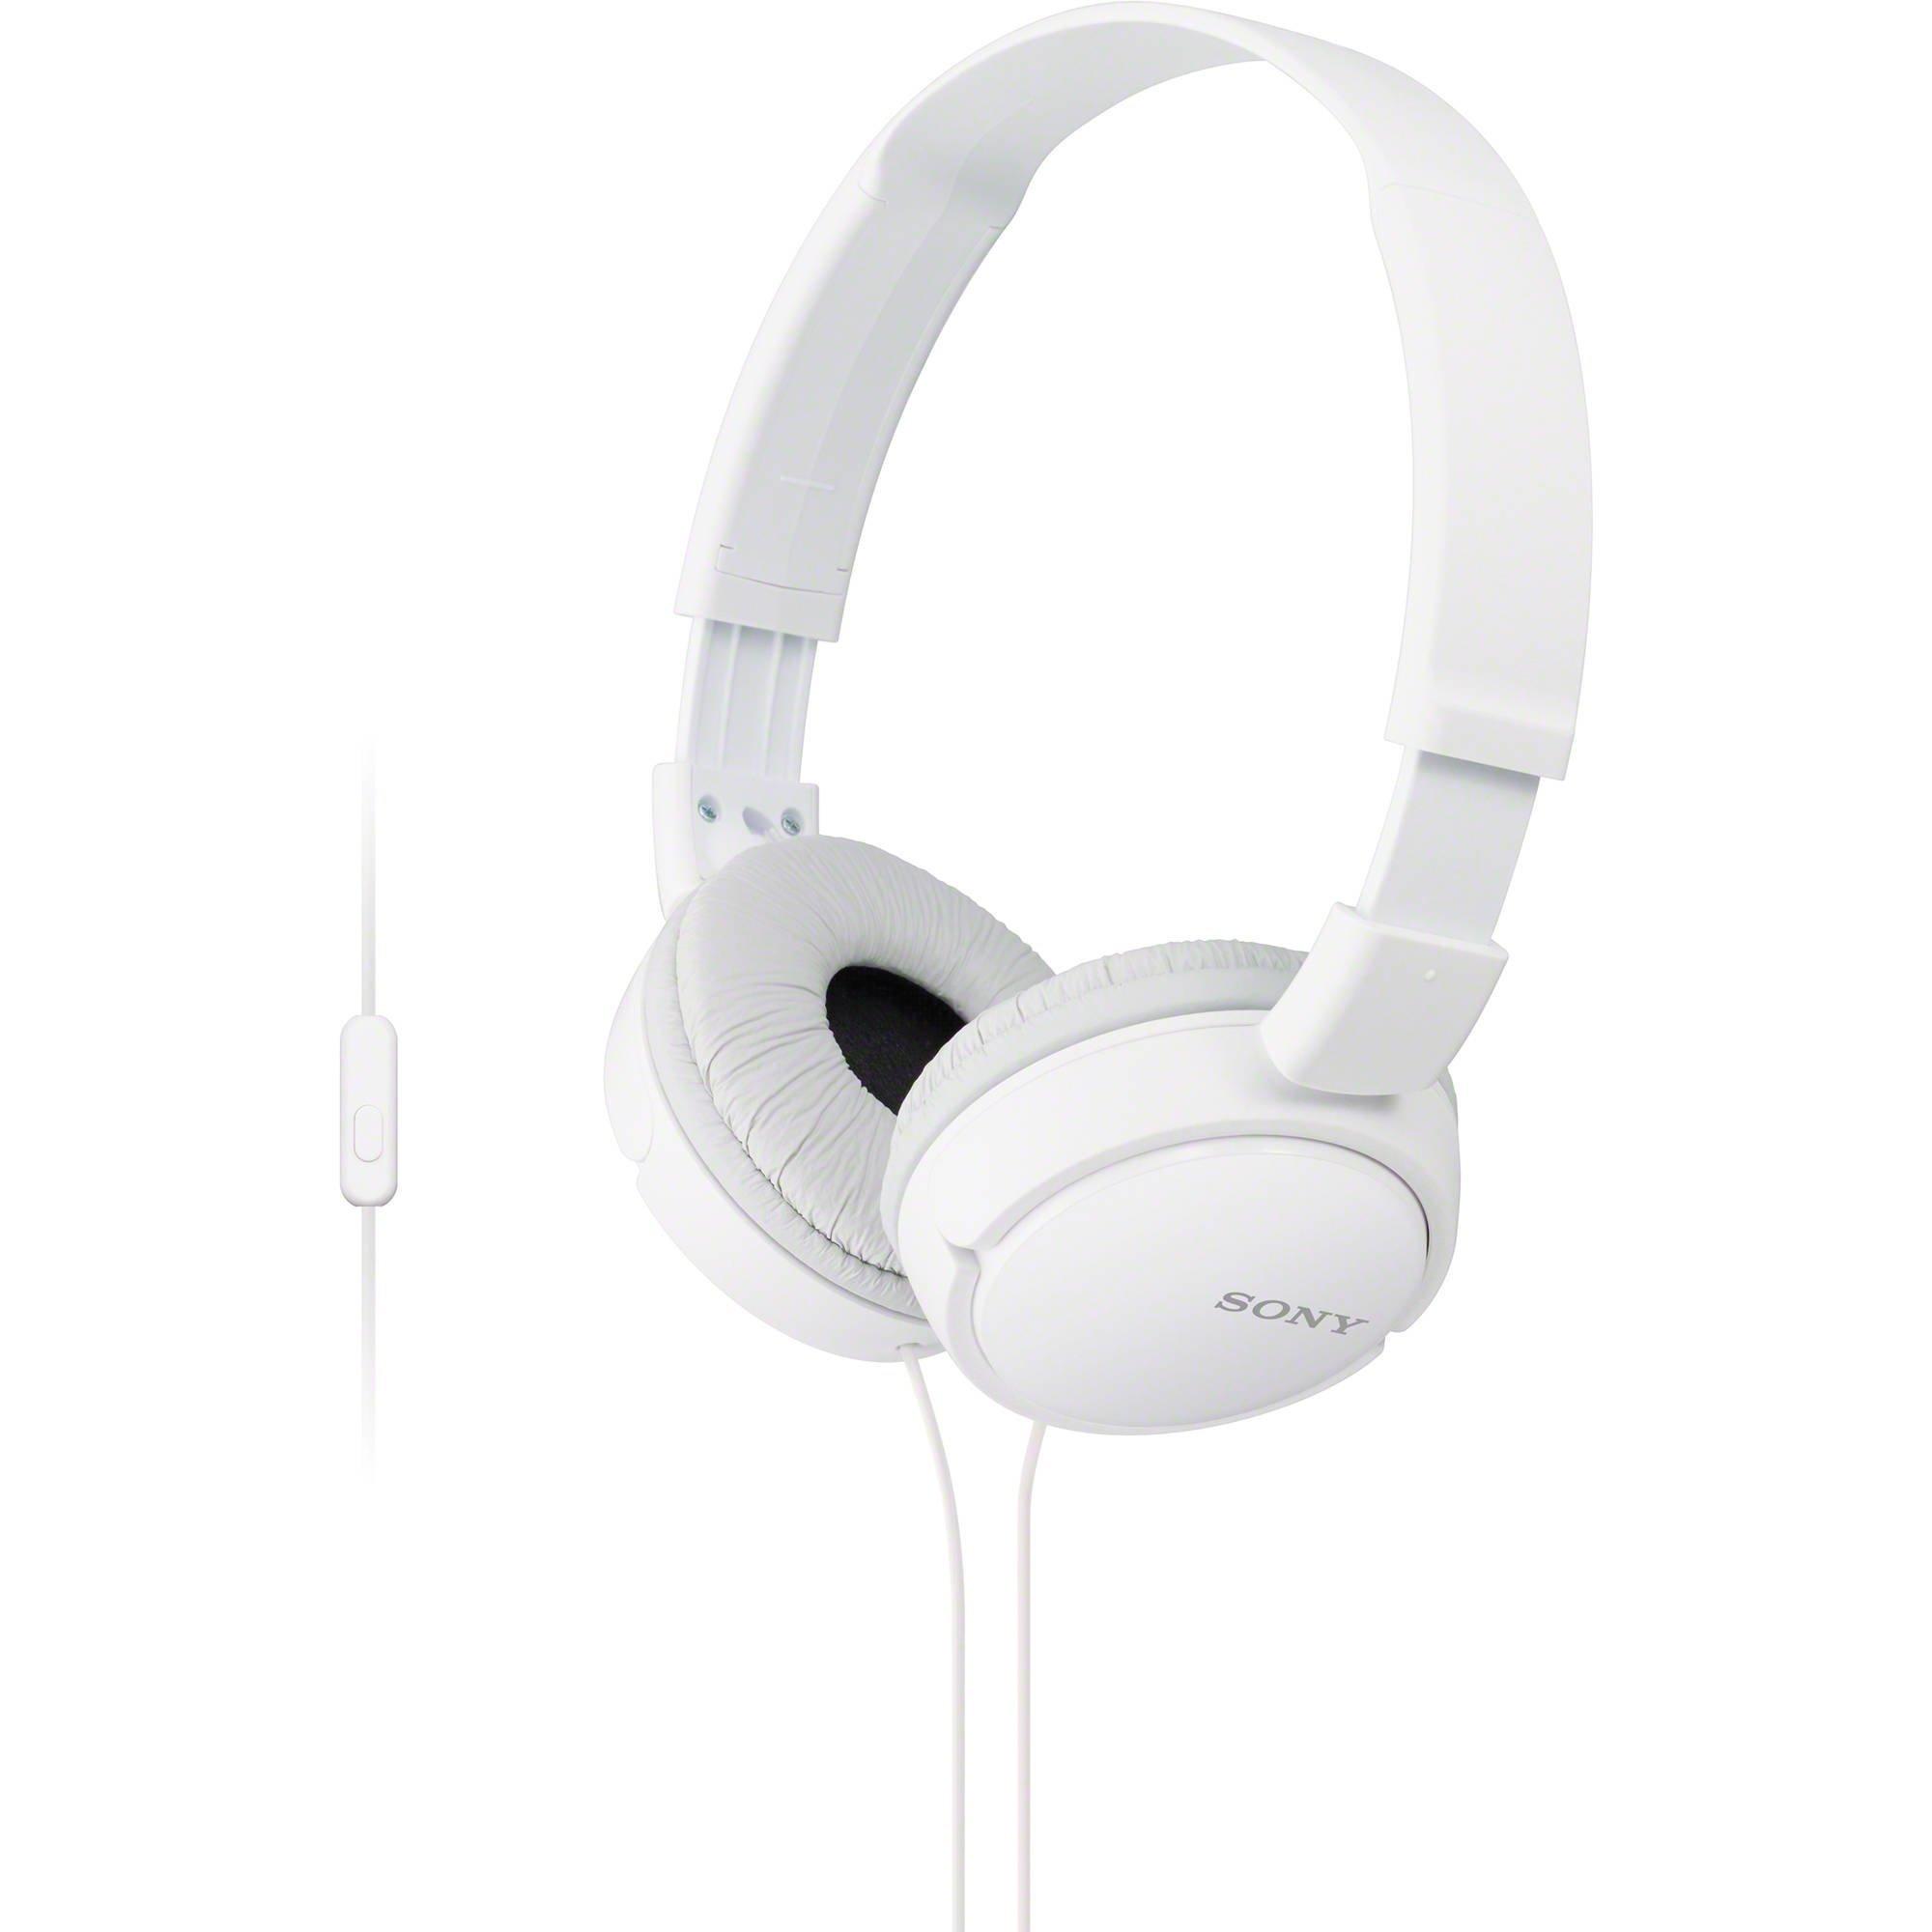 Sony MDRZX110AP ZX Series Auriculares extra bajos para smartphone con micrófono (blanco)